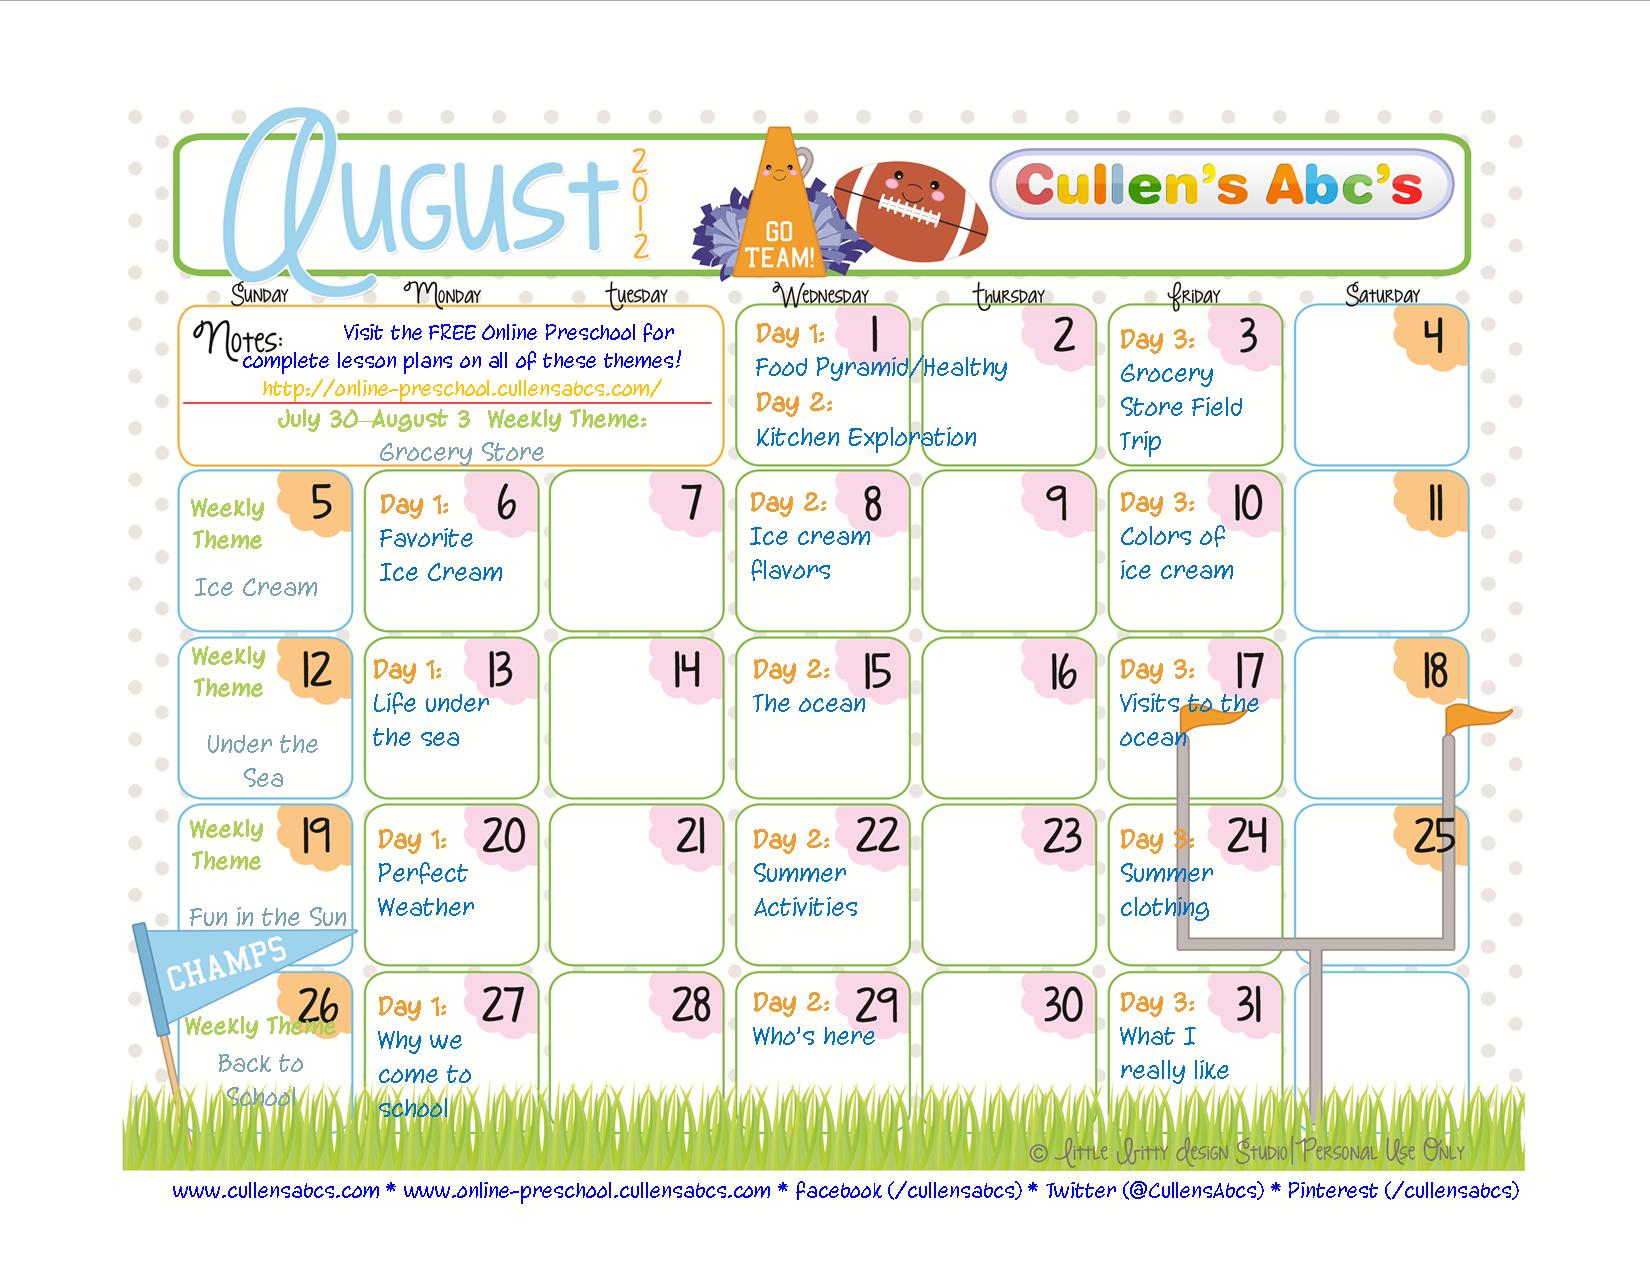 Preschool Calendars | Online Preschool And Children's Videos throughout August Calendar Template For Pre K